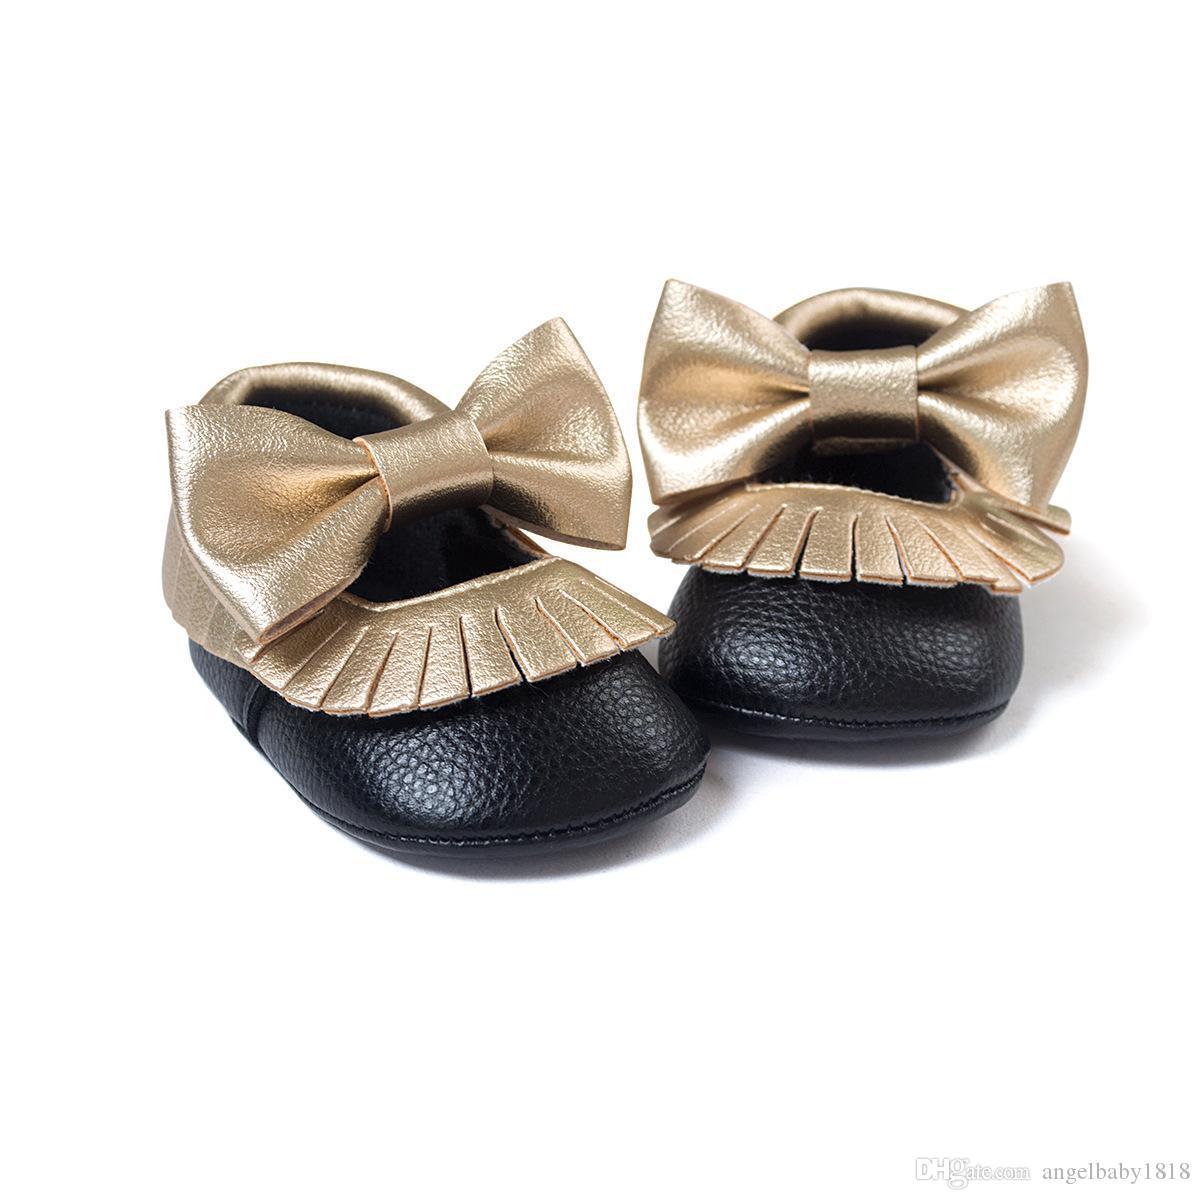 Лук Детская Обувь Мокасины Мягкой Подошвой Кожа Детская Обувь Девушки Мальчики Moccs Детские Первые Ходунки Дети Детская Обувь Белый Черный